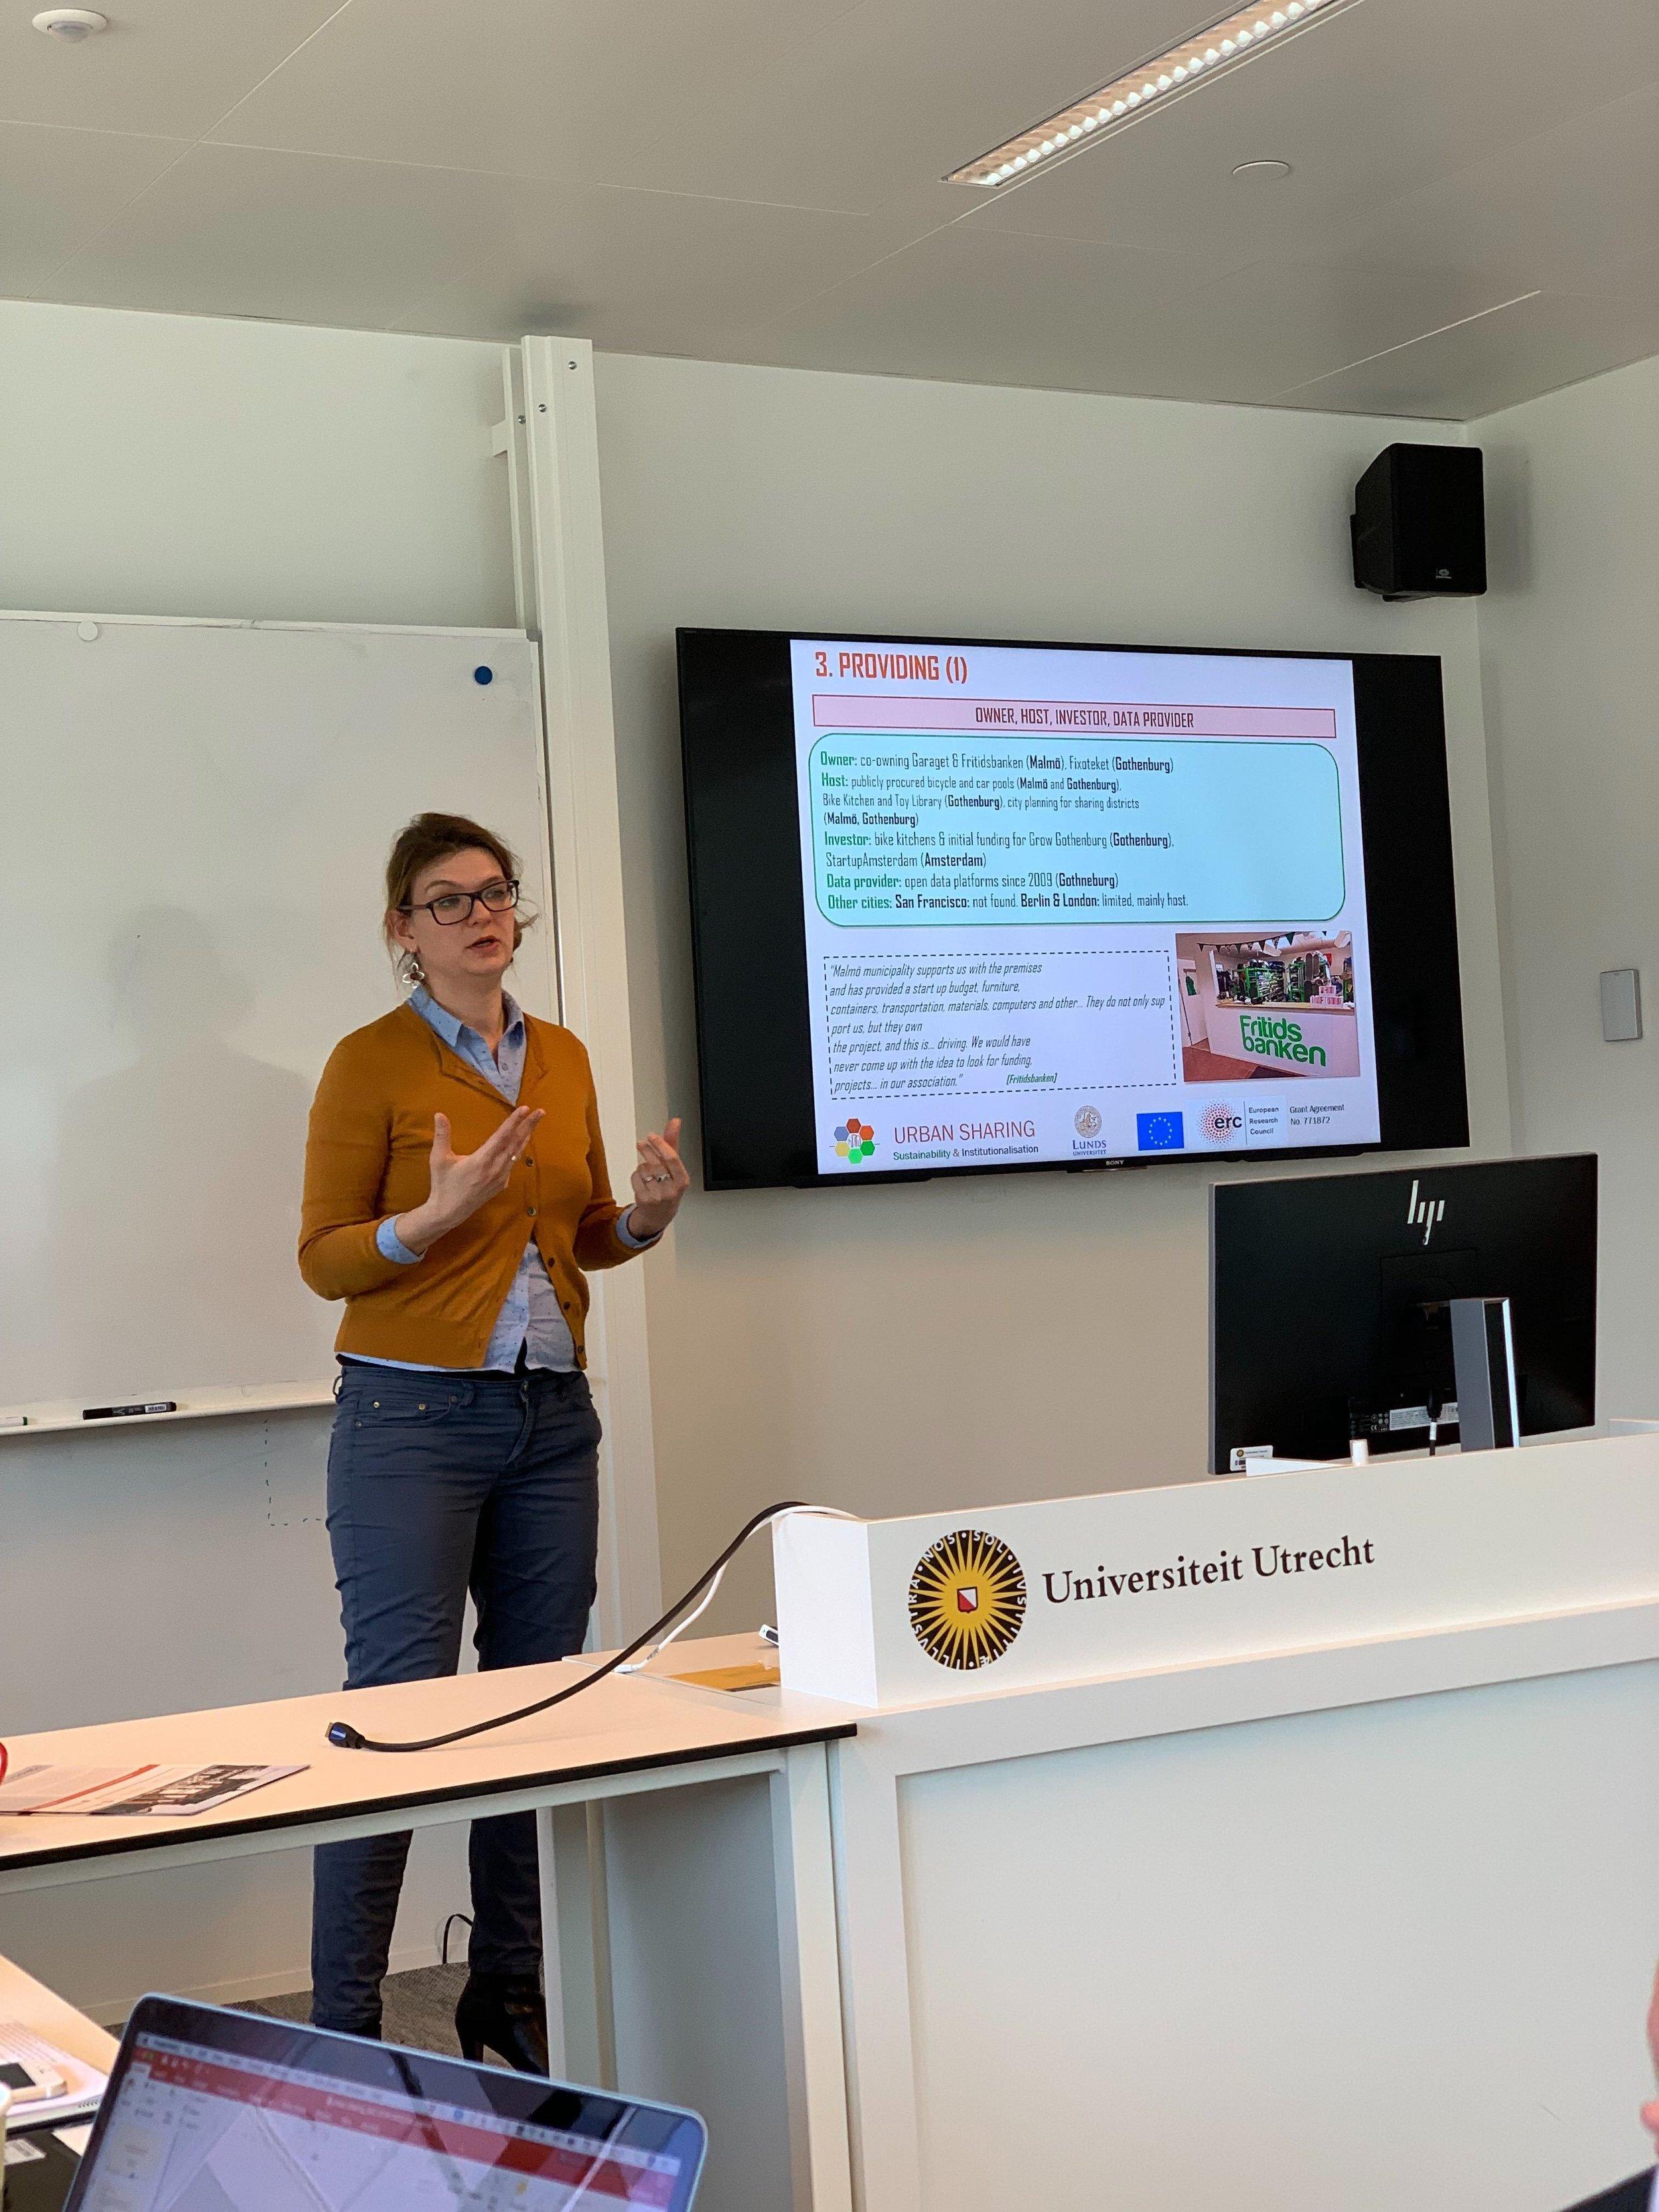 Yuliya Voytenko Palgan is presenting on the role of the city governance at Utrecht University.